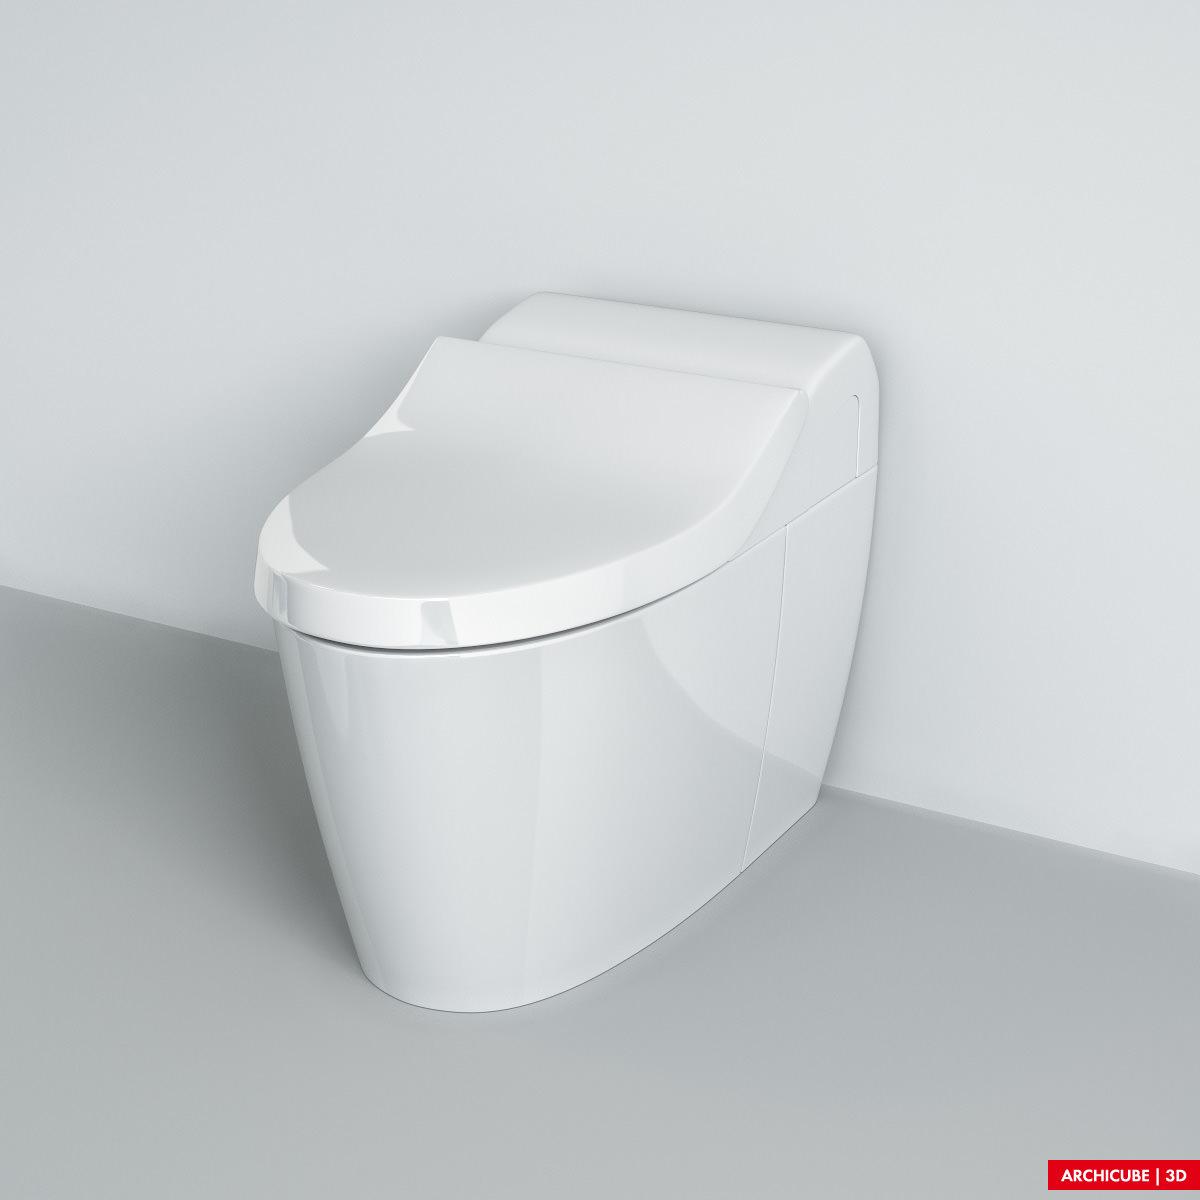 Toilet 03 3d model max obj fbx - Toilet model ...